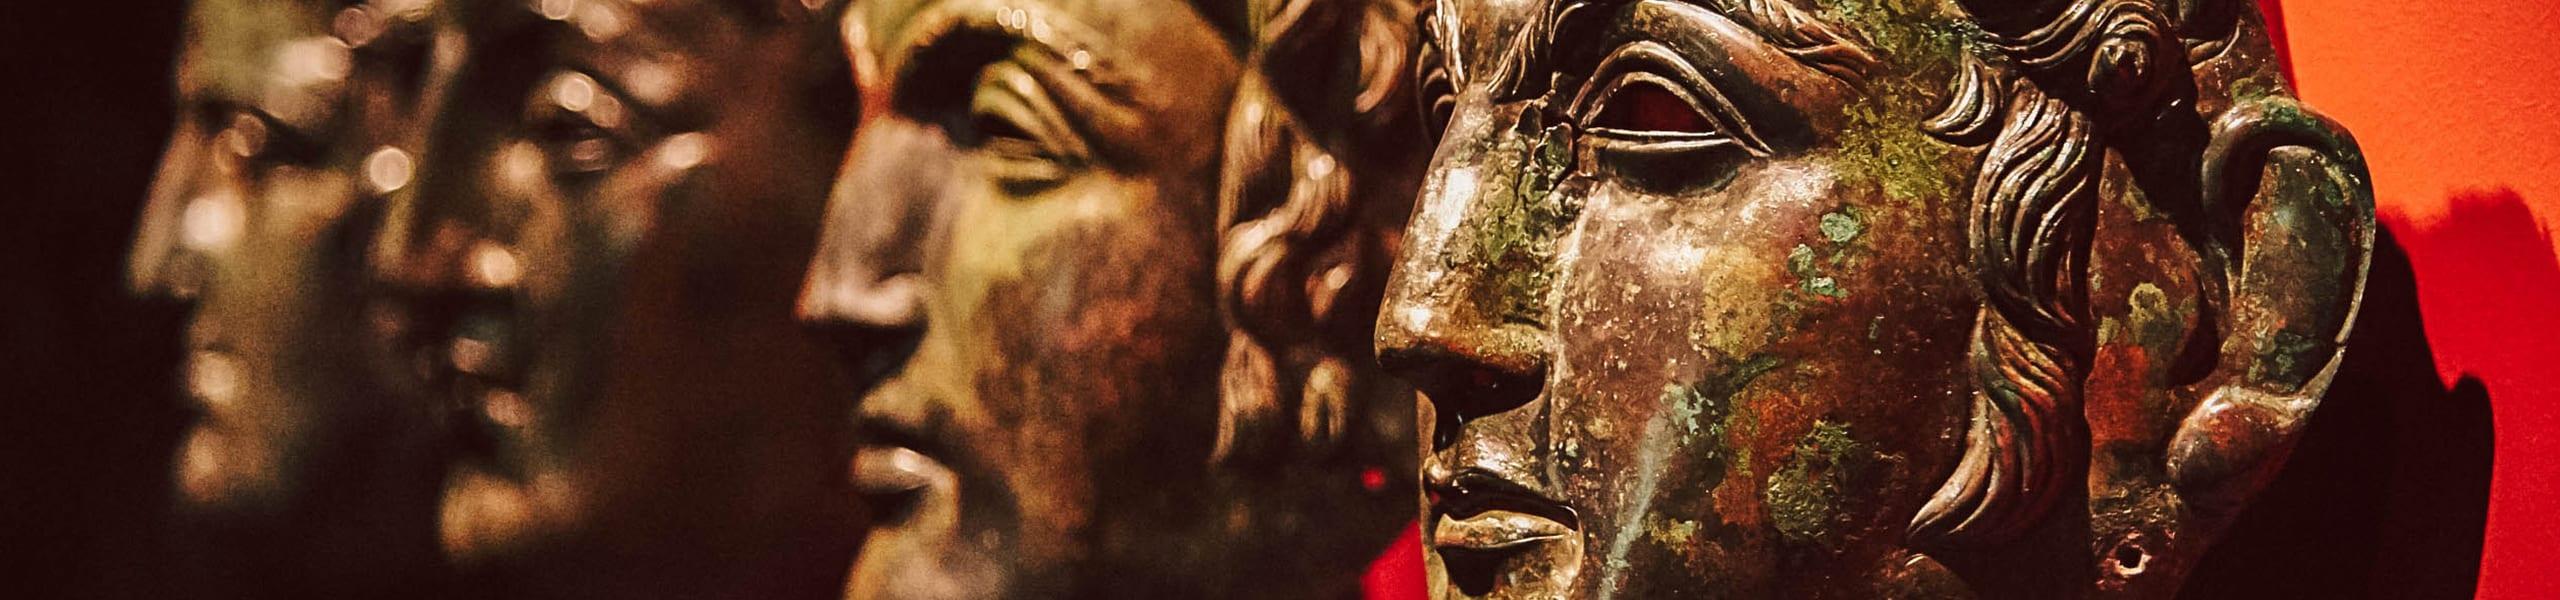 Römermasken im Gäubodenmuseum in Straubing